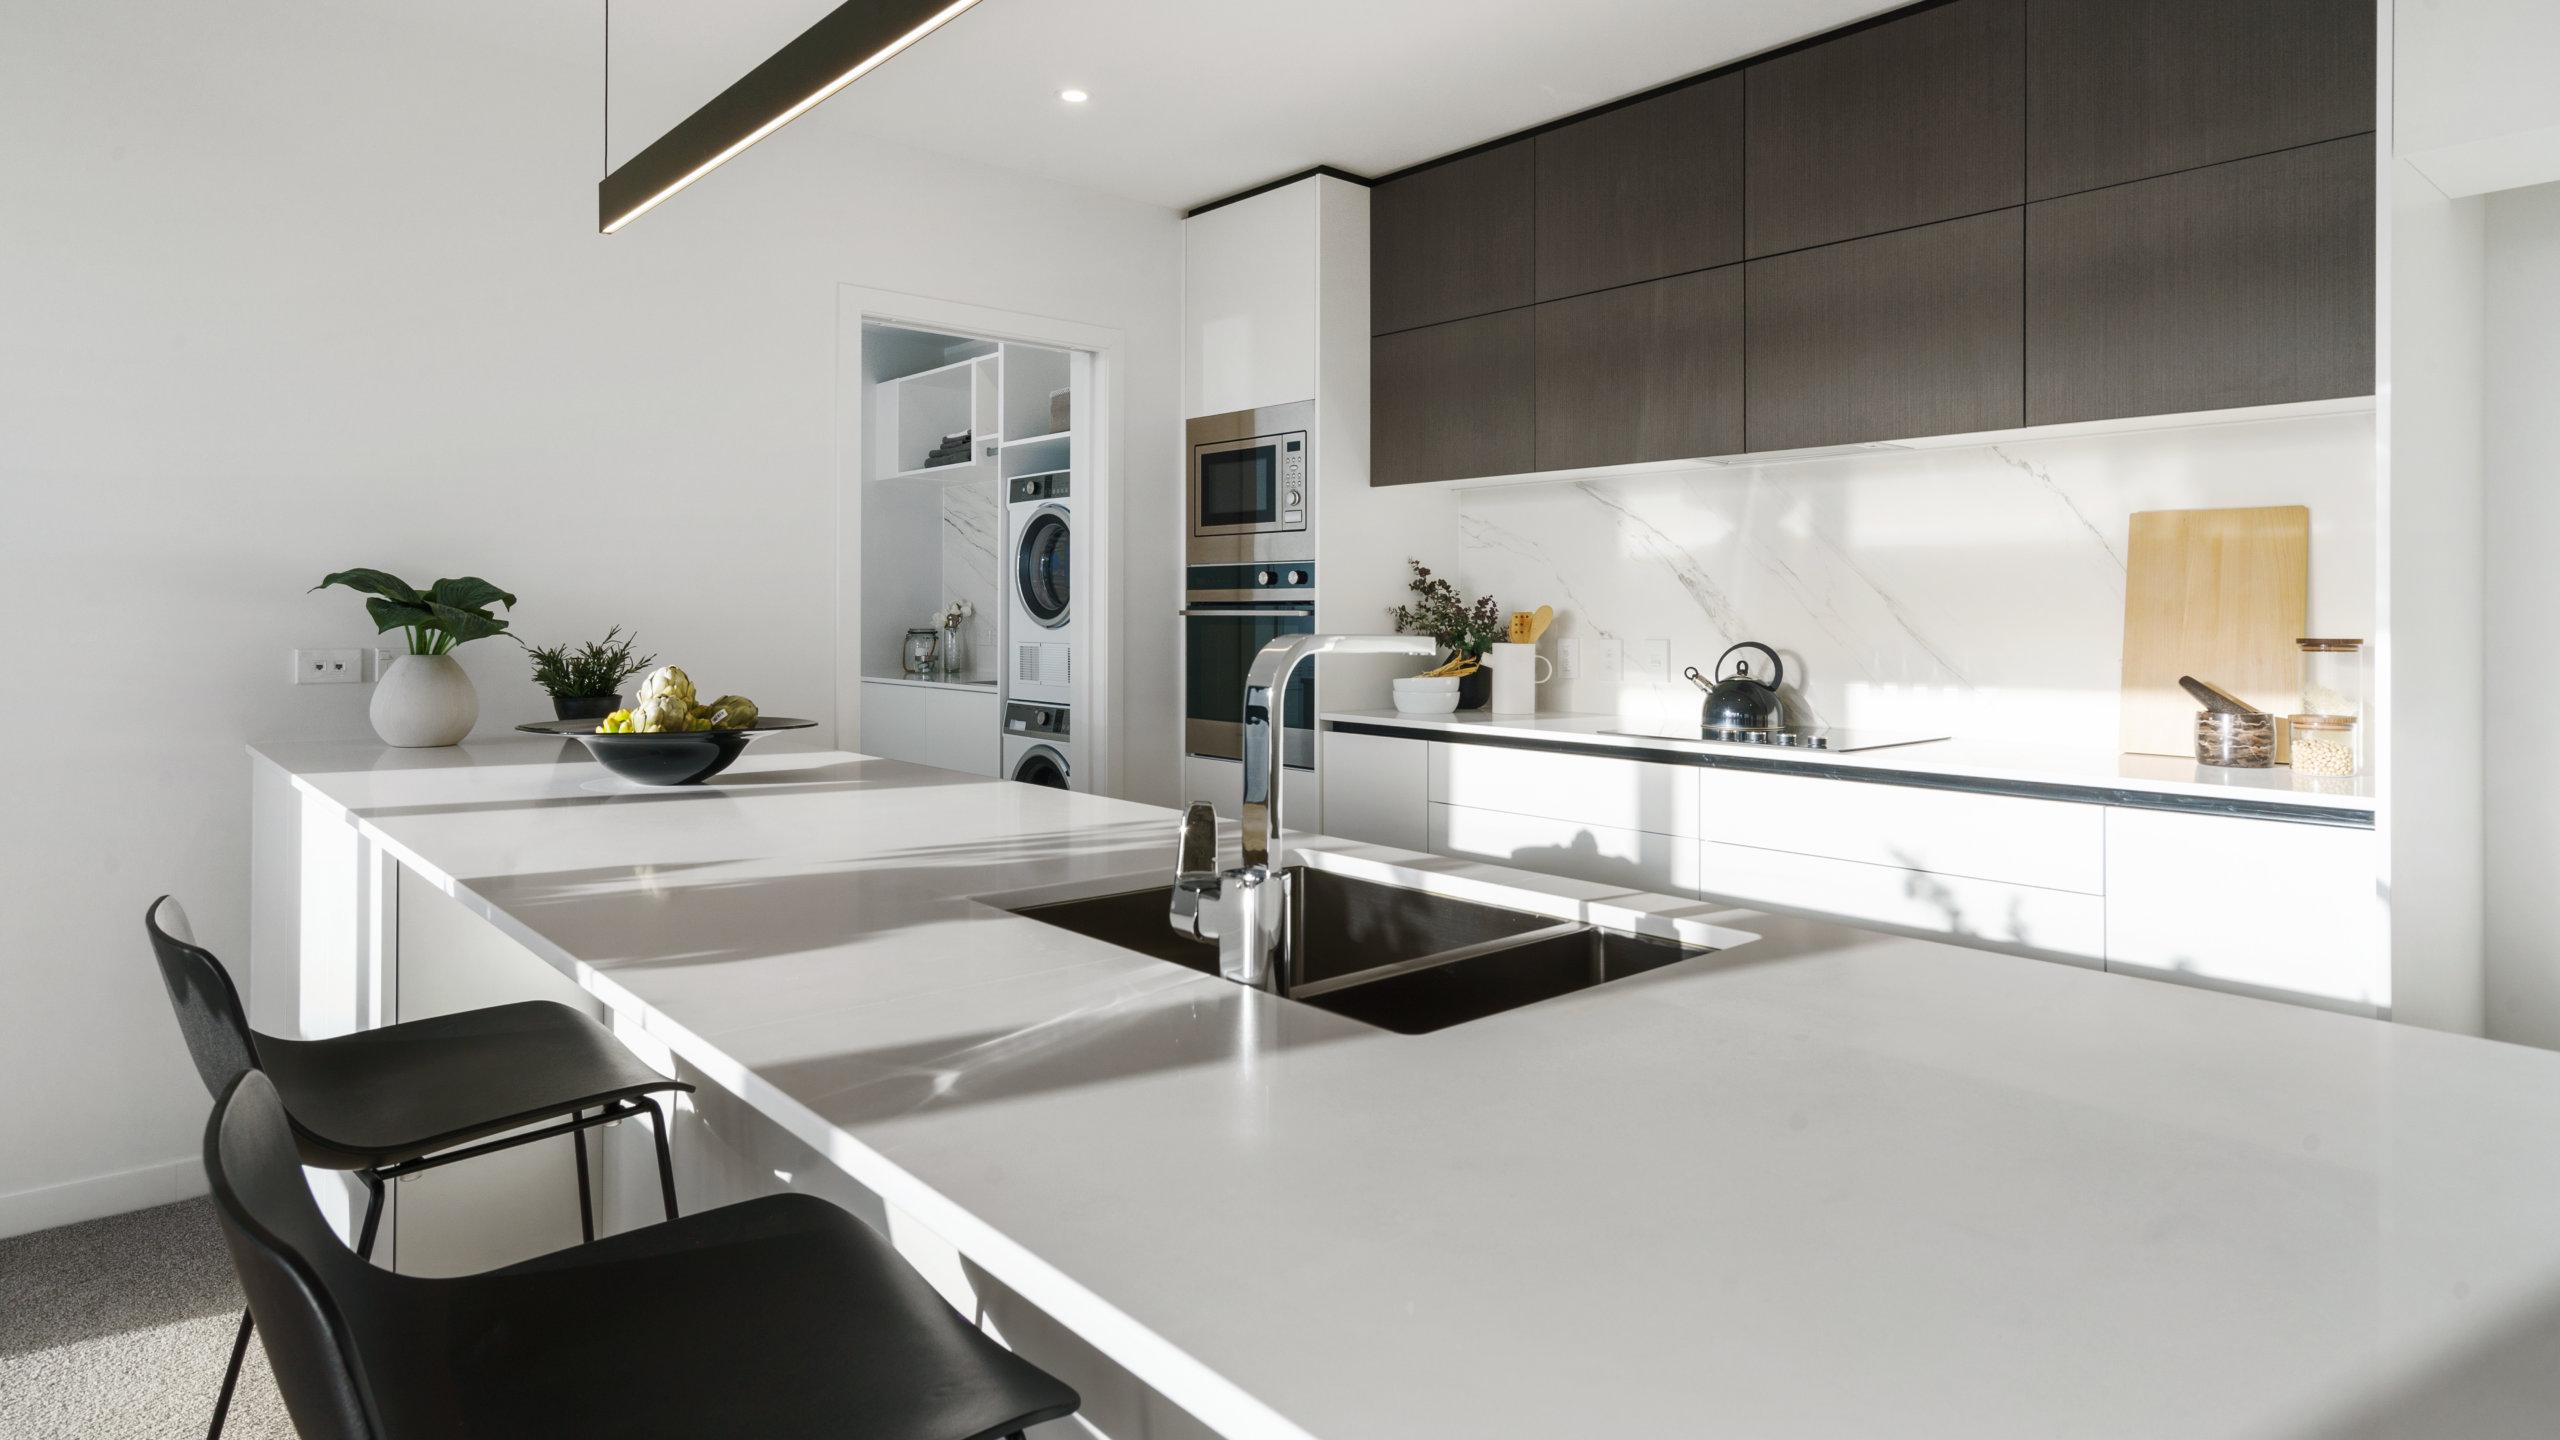 Waterford retirement village luxury apartment kitchen